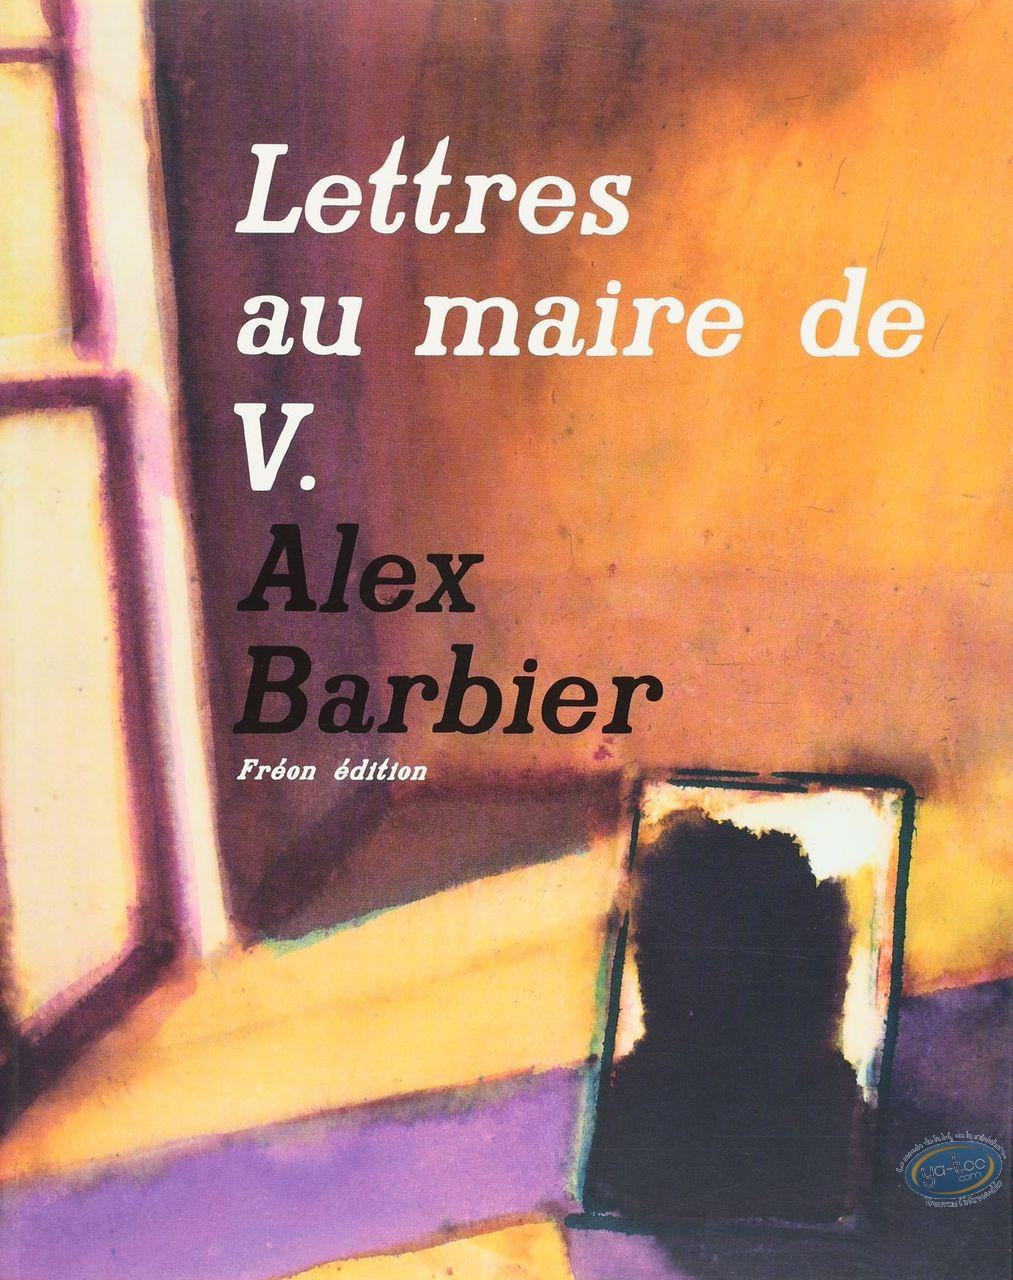 Listed European Comic Books, Lettres au Maire de V.